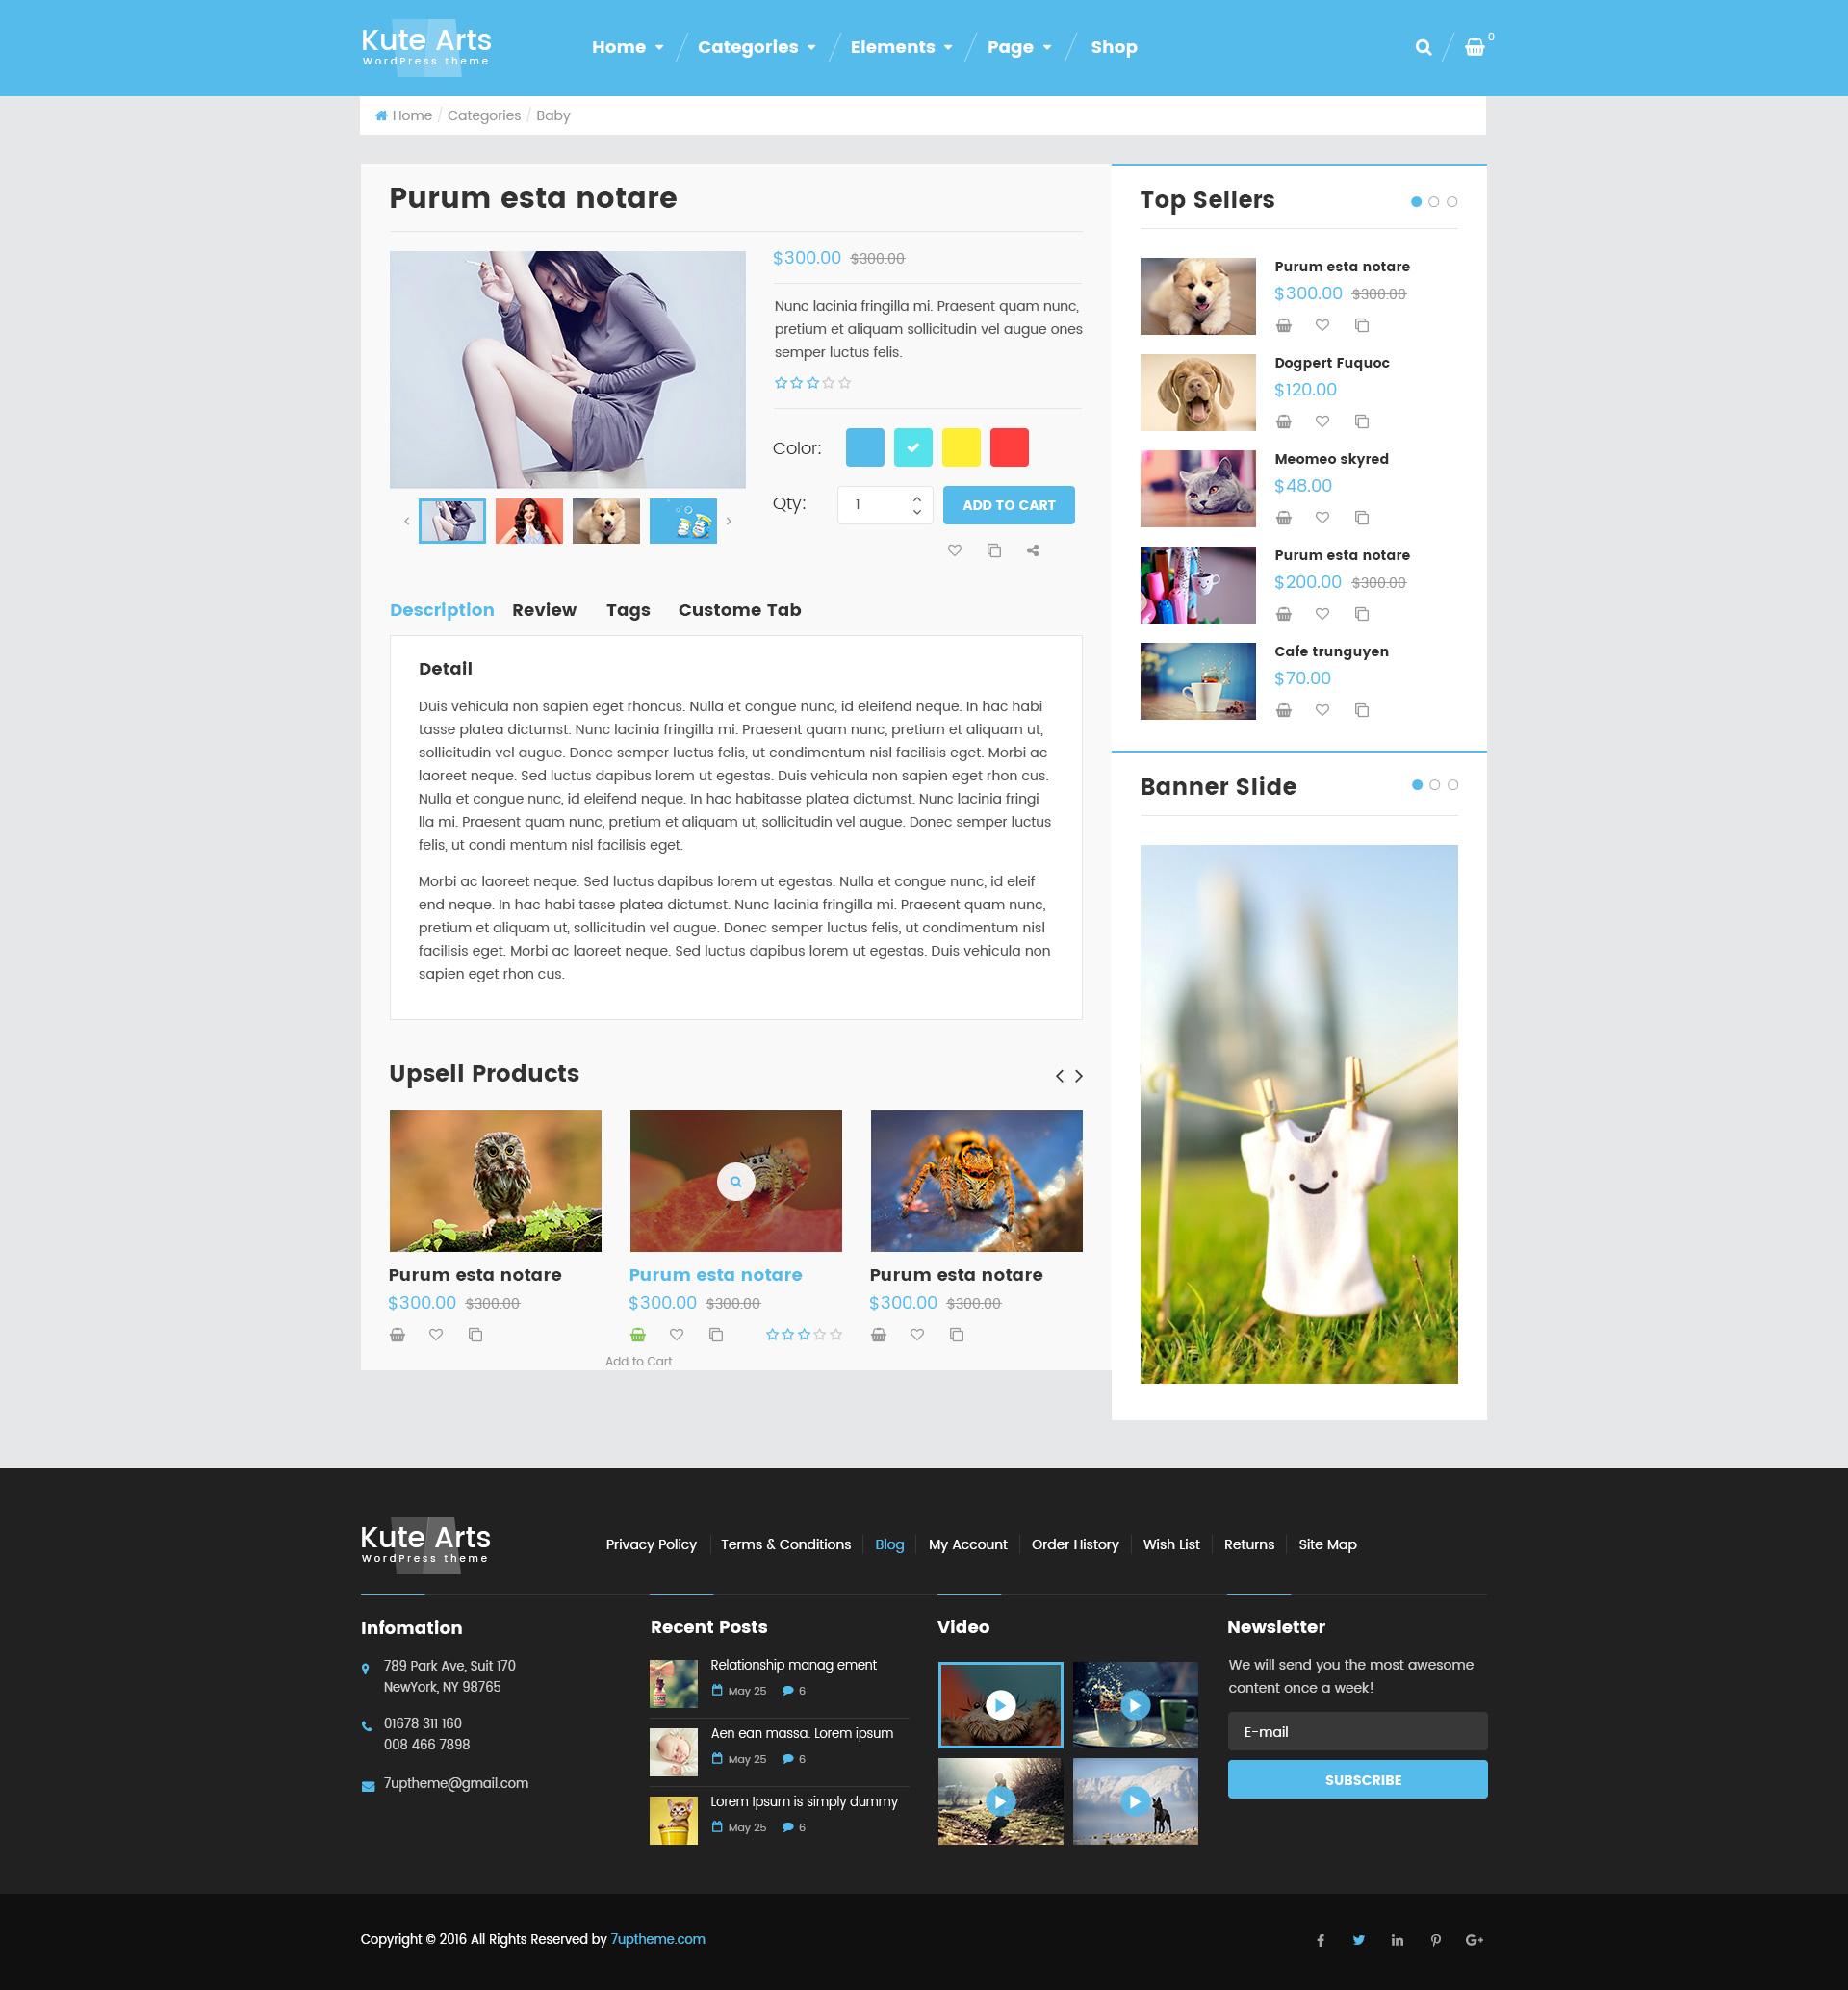 Gmail themes dynamic - Kute Arts Blog Wordpress Theme